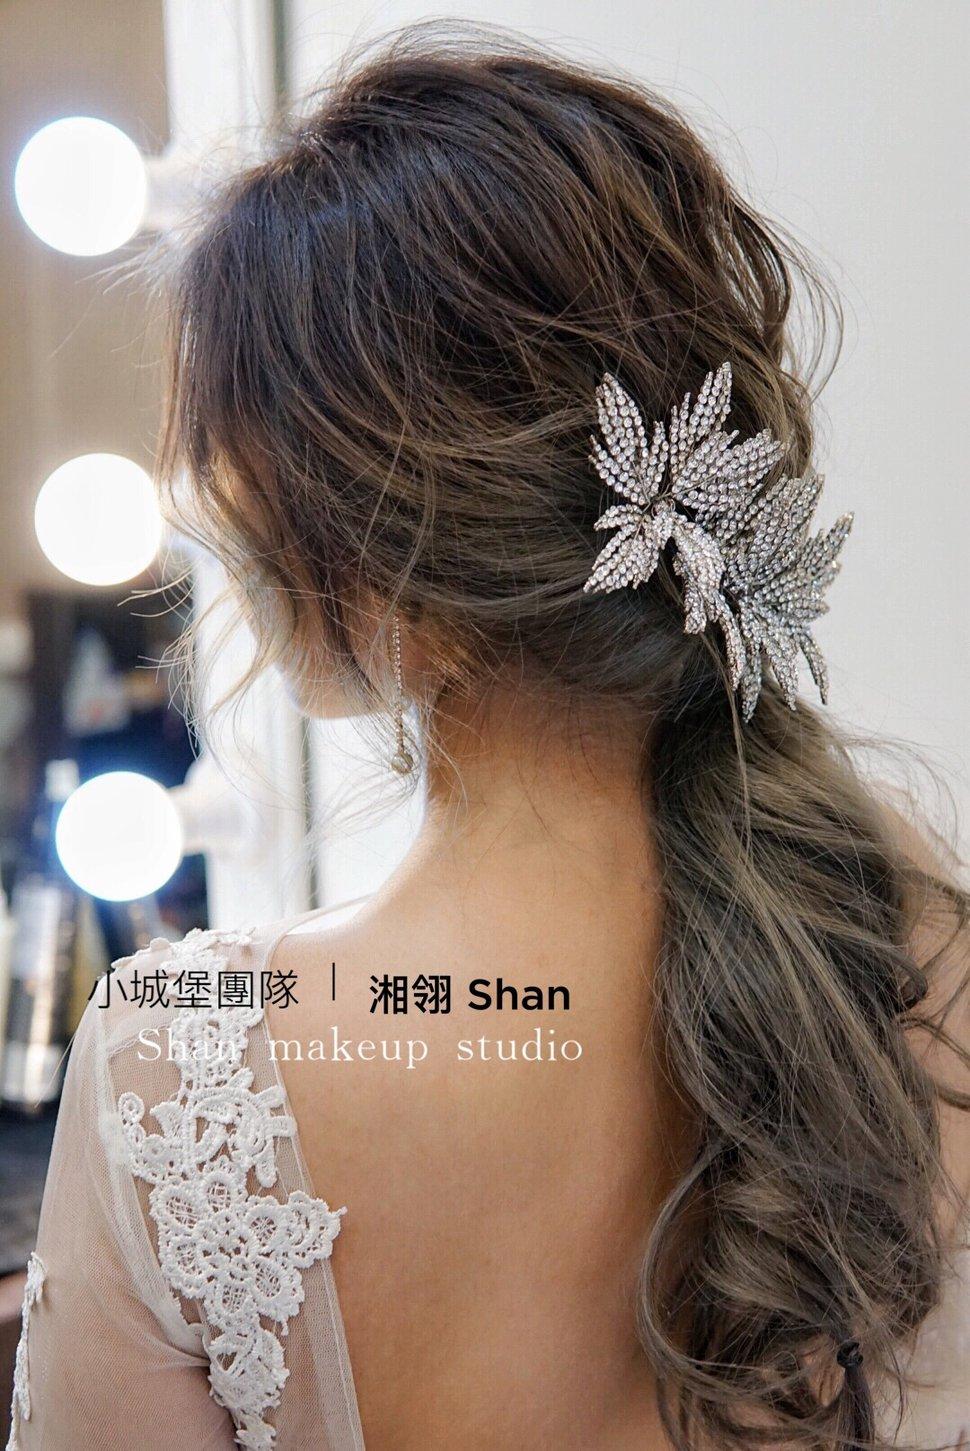 IMG_0984 - 湘翎Shan Makeup studio《結婚吧》